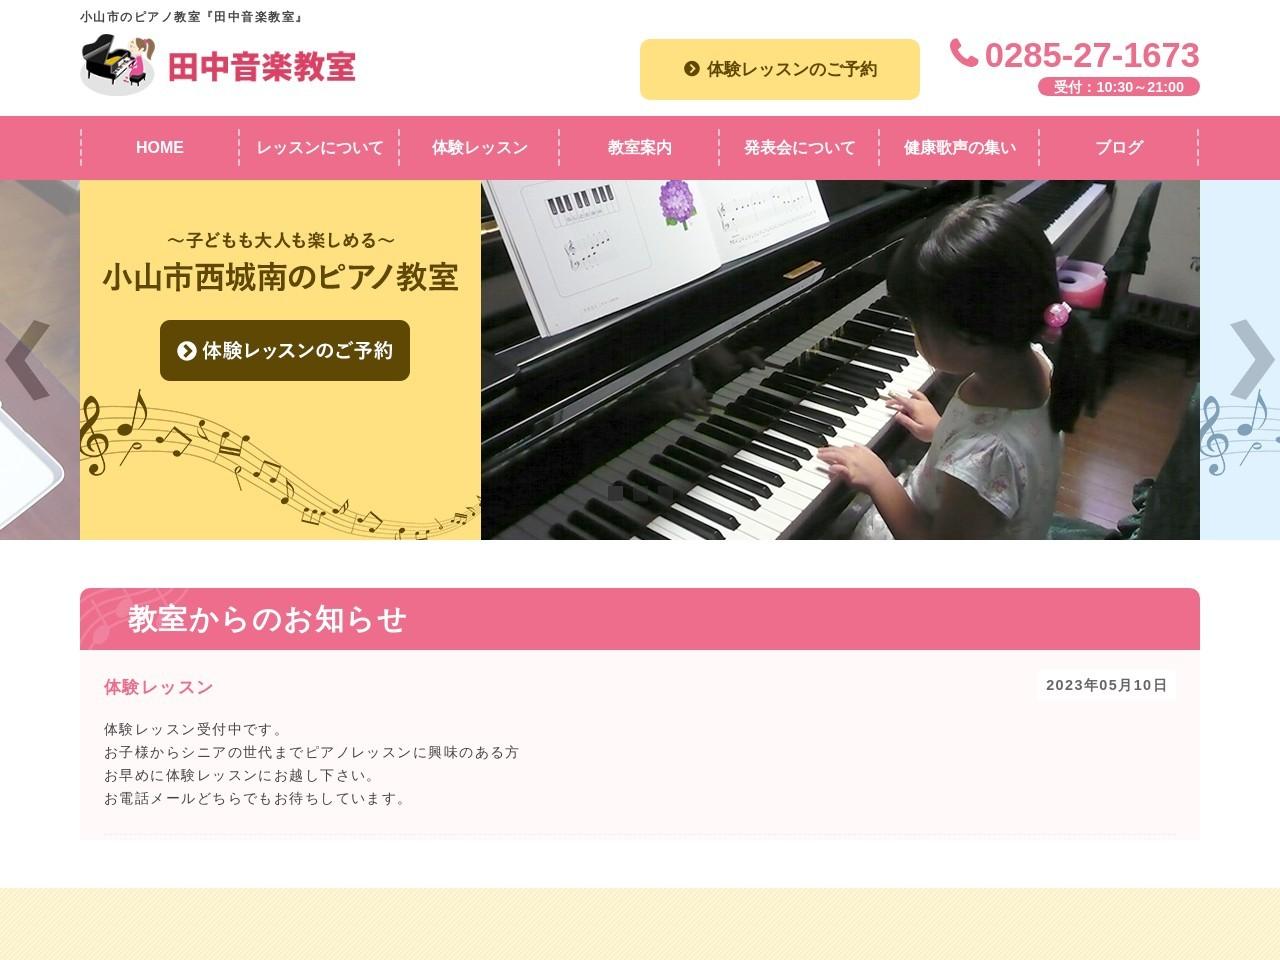 田中音楽教室のサムネイル